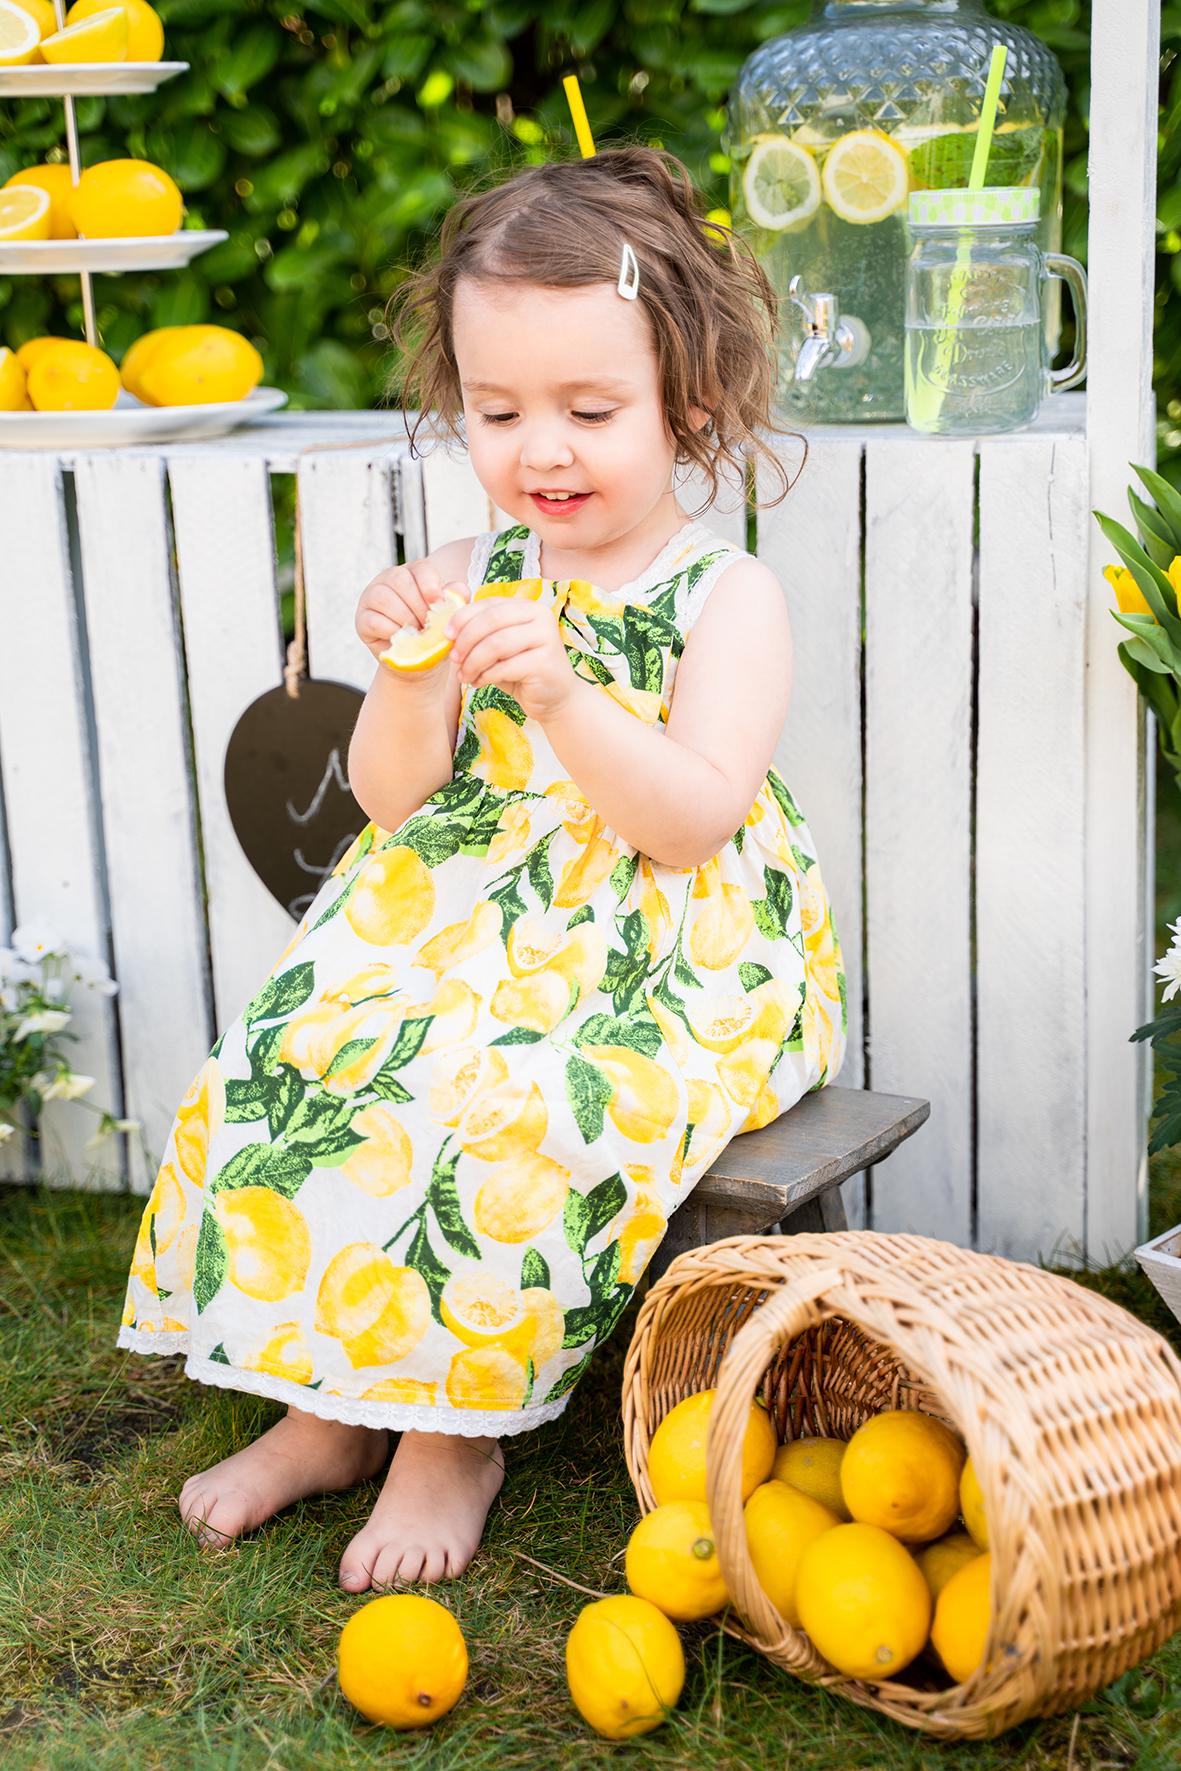 Zitronen Fotoshooting in Lilienthal Gartenshooting